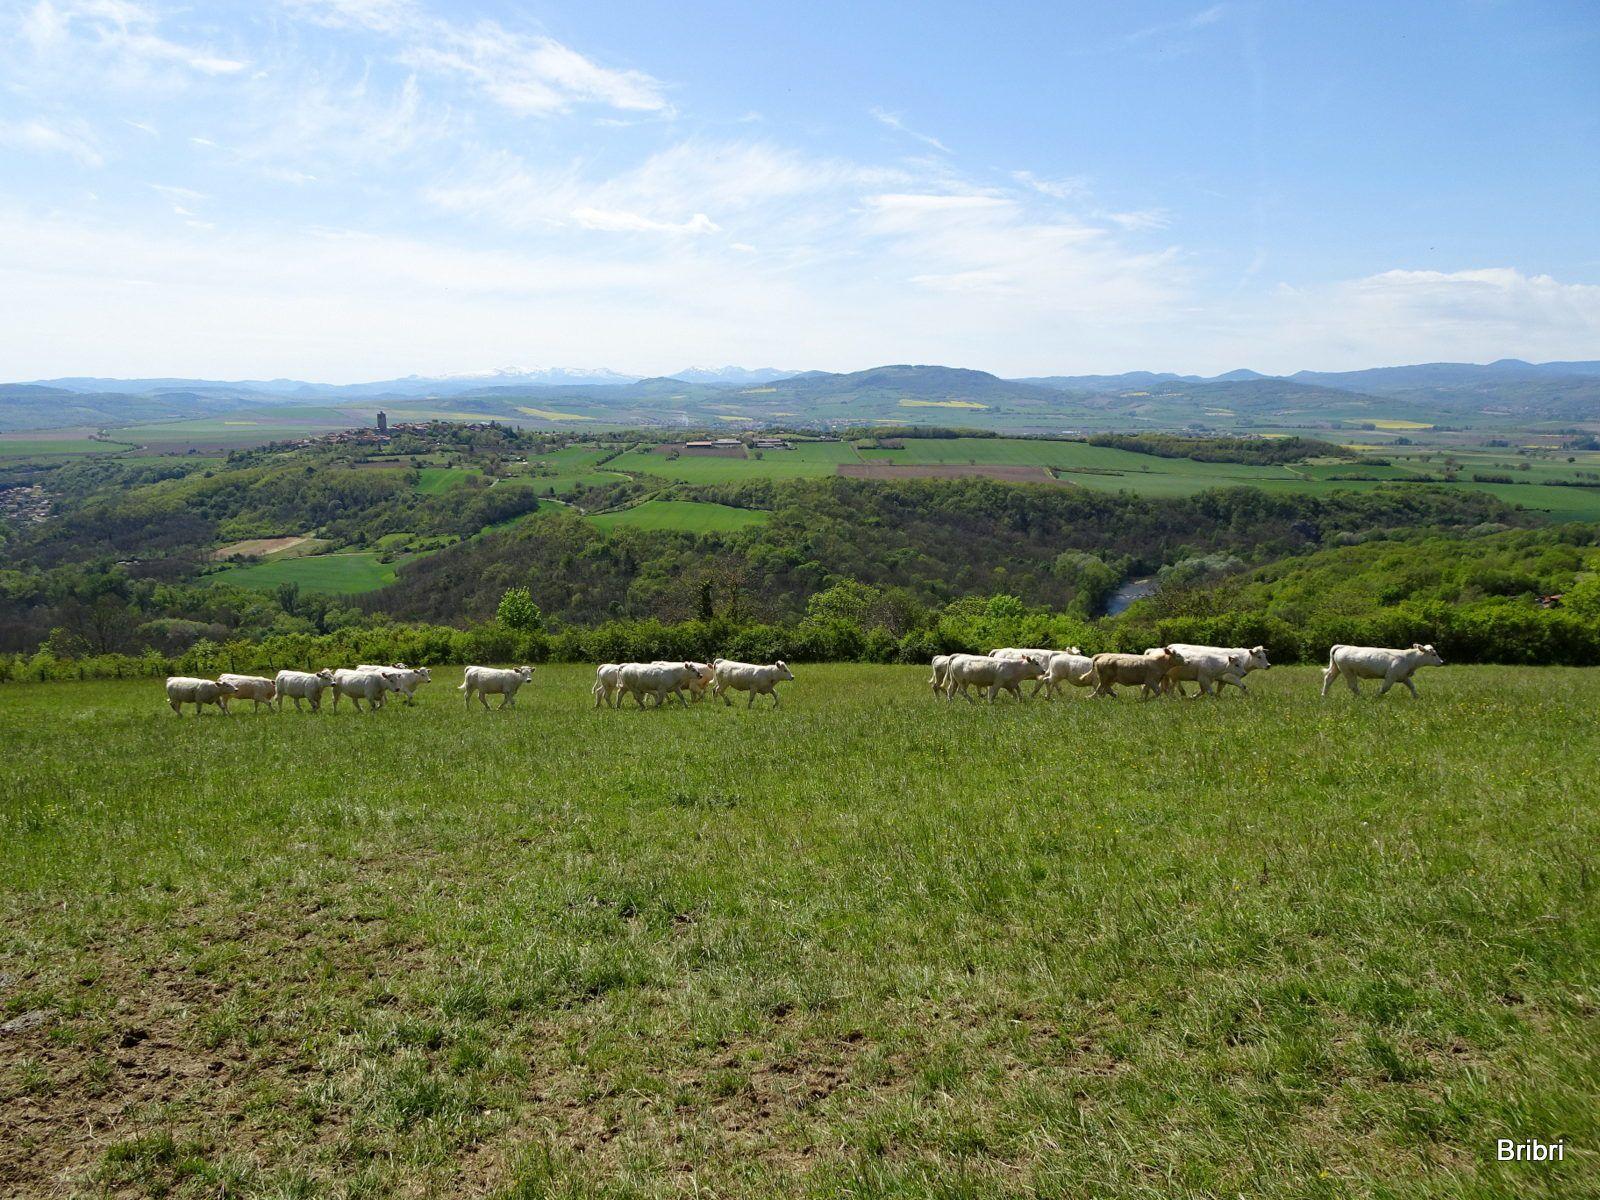 On aperçoit la tour de Montpeyroux au loin. Les vaches font la courses, elles se défoulent.